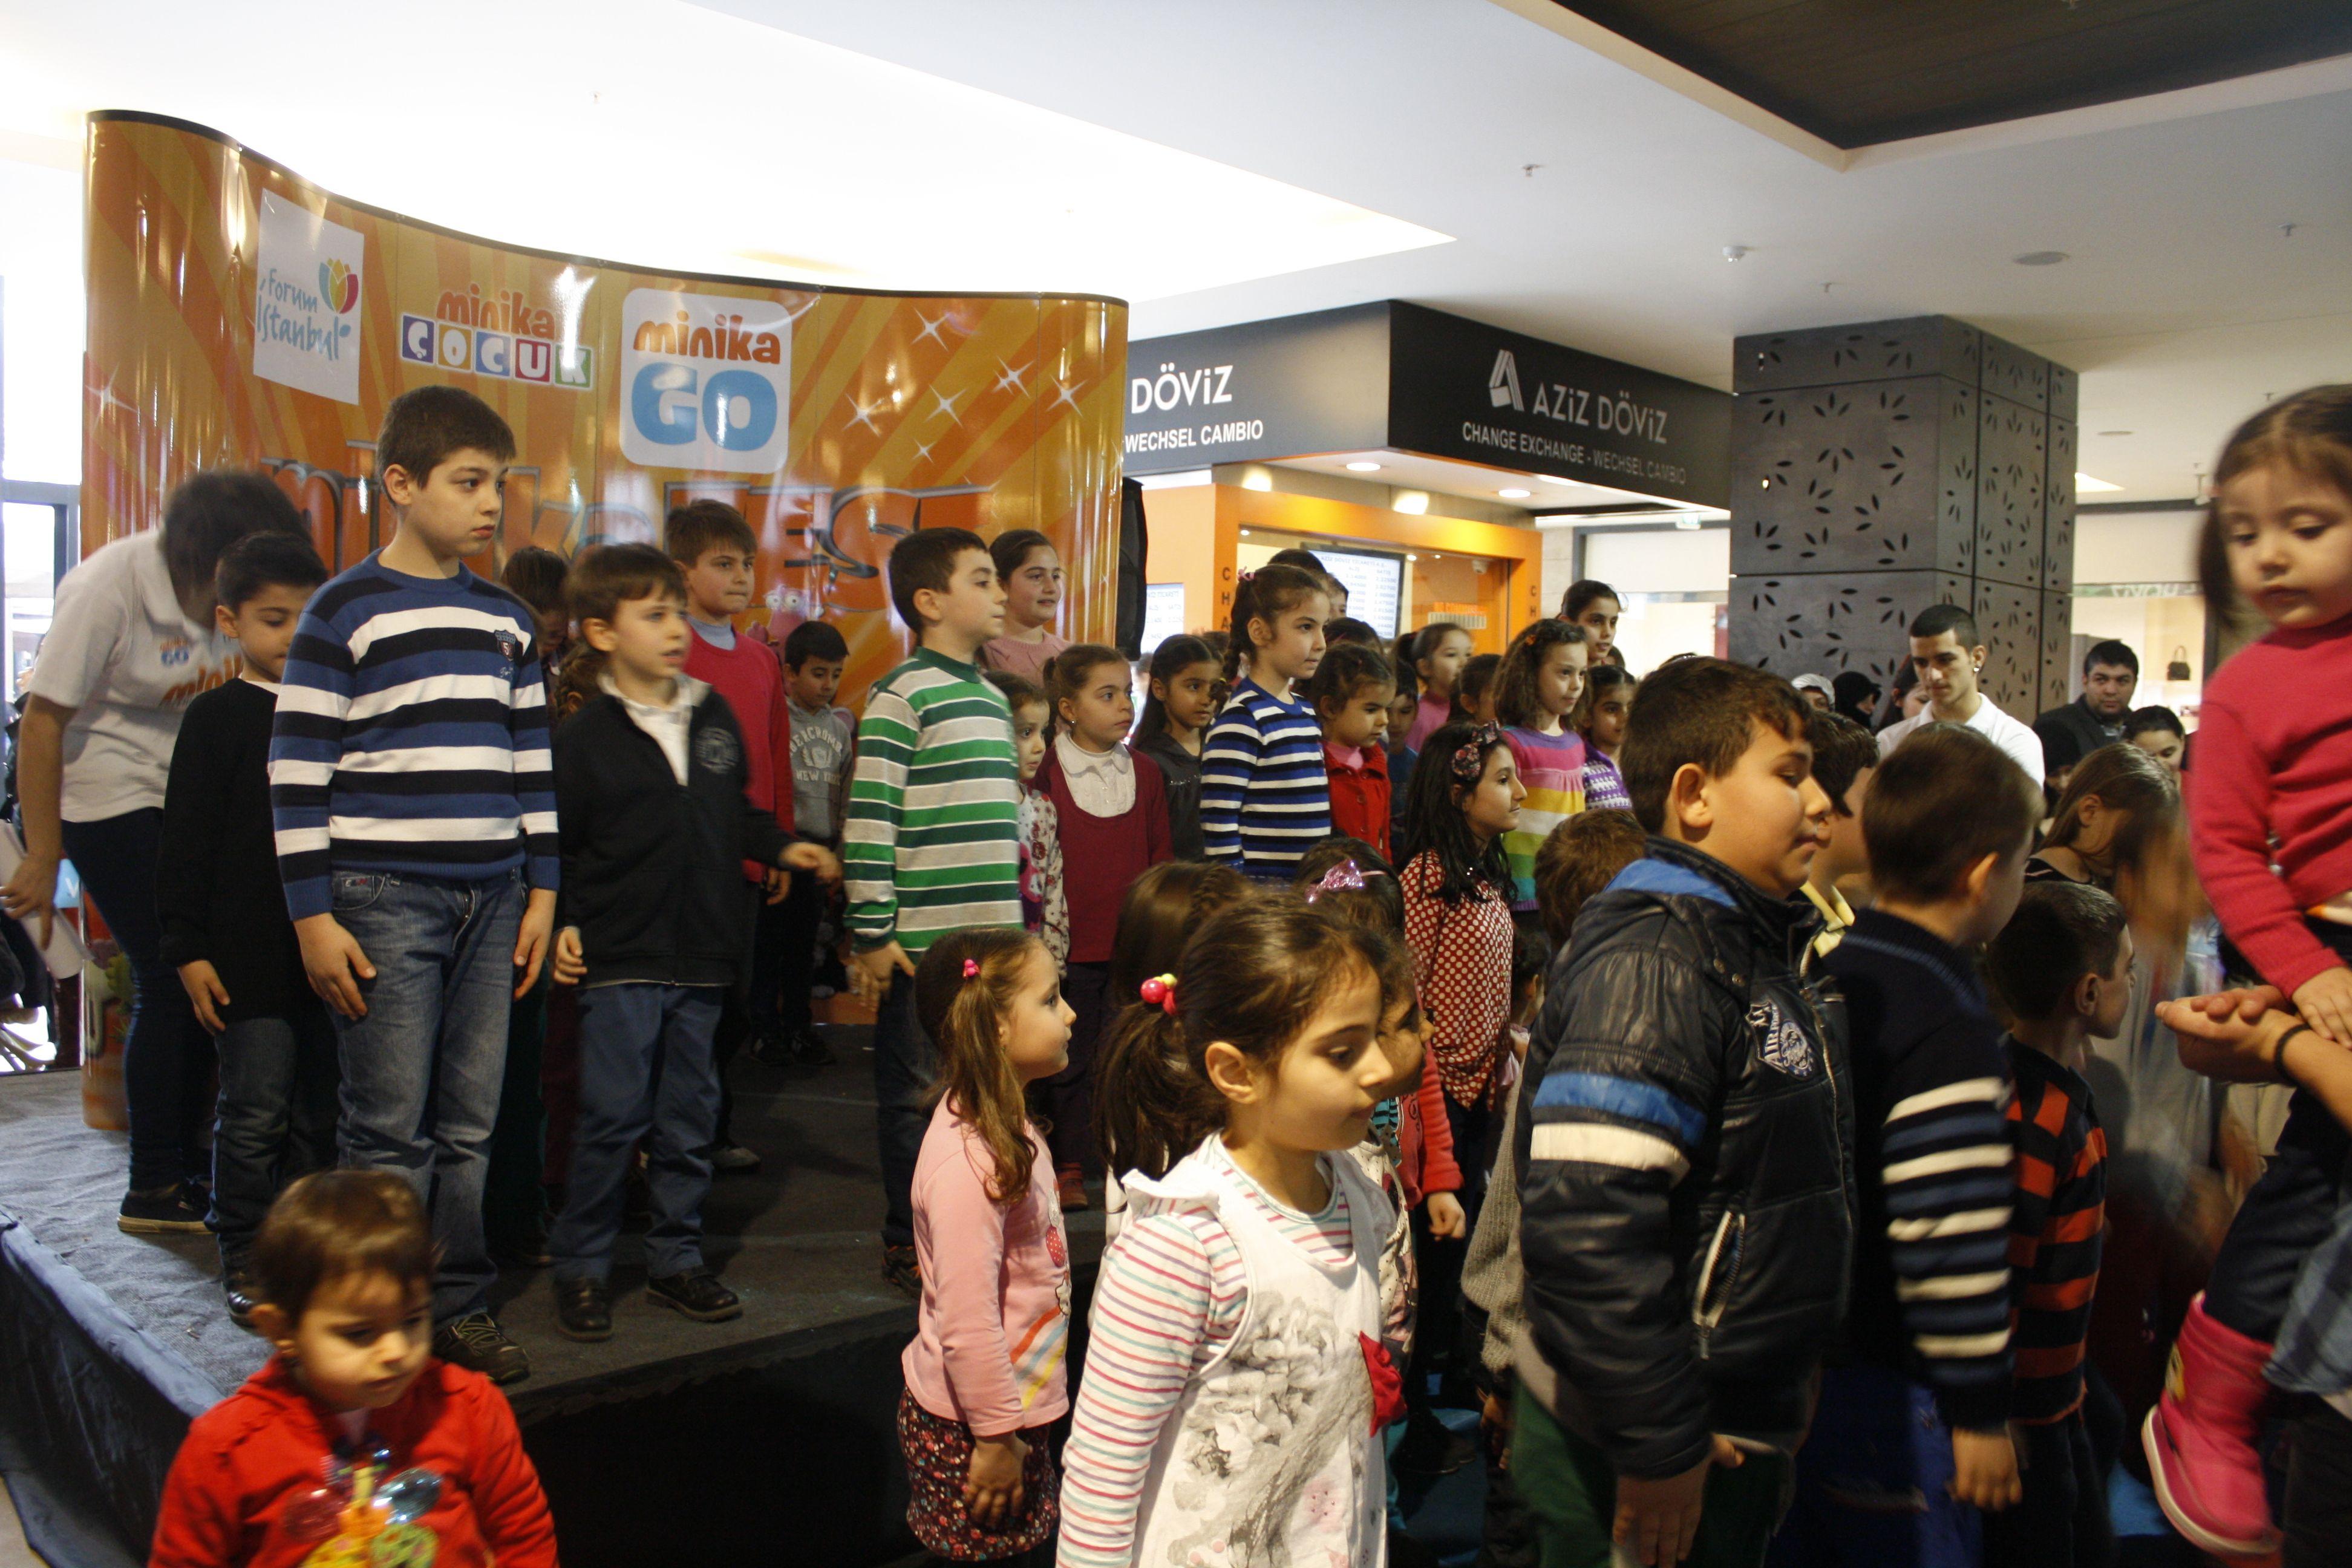 Forum İstanbul ve Minika yarıyıl tatilinin son haftasonunda tüm çocukları eğlenirken öğrenmenin keyfine vardıkları Sömestr Şenliği'nde buluşturdu. Çocuklar sevdikleri Minika kahramanlarının resimlerini boyadılar, oyun konsollarının da bulunduğu etkinlik alanında gönüllerince eğlendiler. Ayrıca çocuklar, Minika'nın sevilen kahramanları Aslan Dan ve Damla ile tanışma ve fotoğraf çekilme imkanı da yakaladılar.